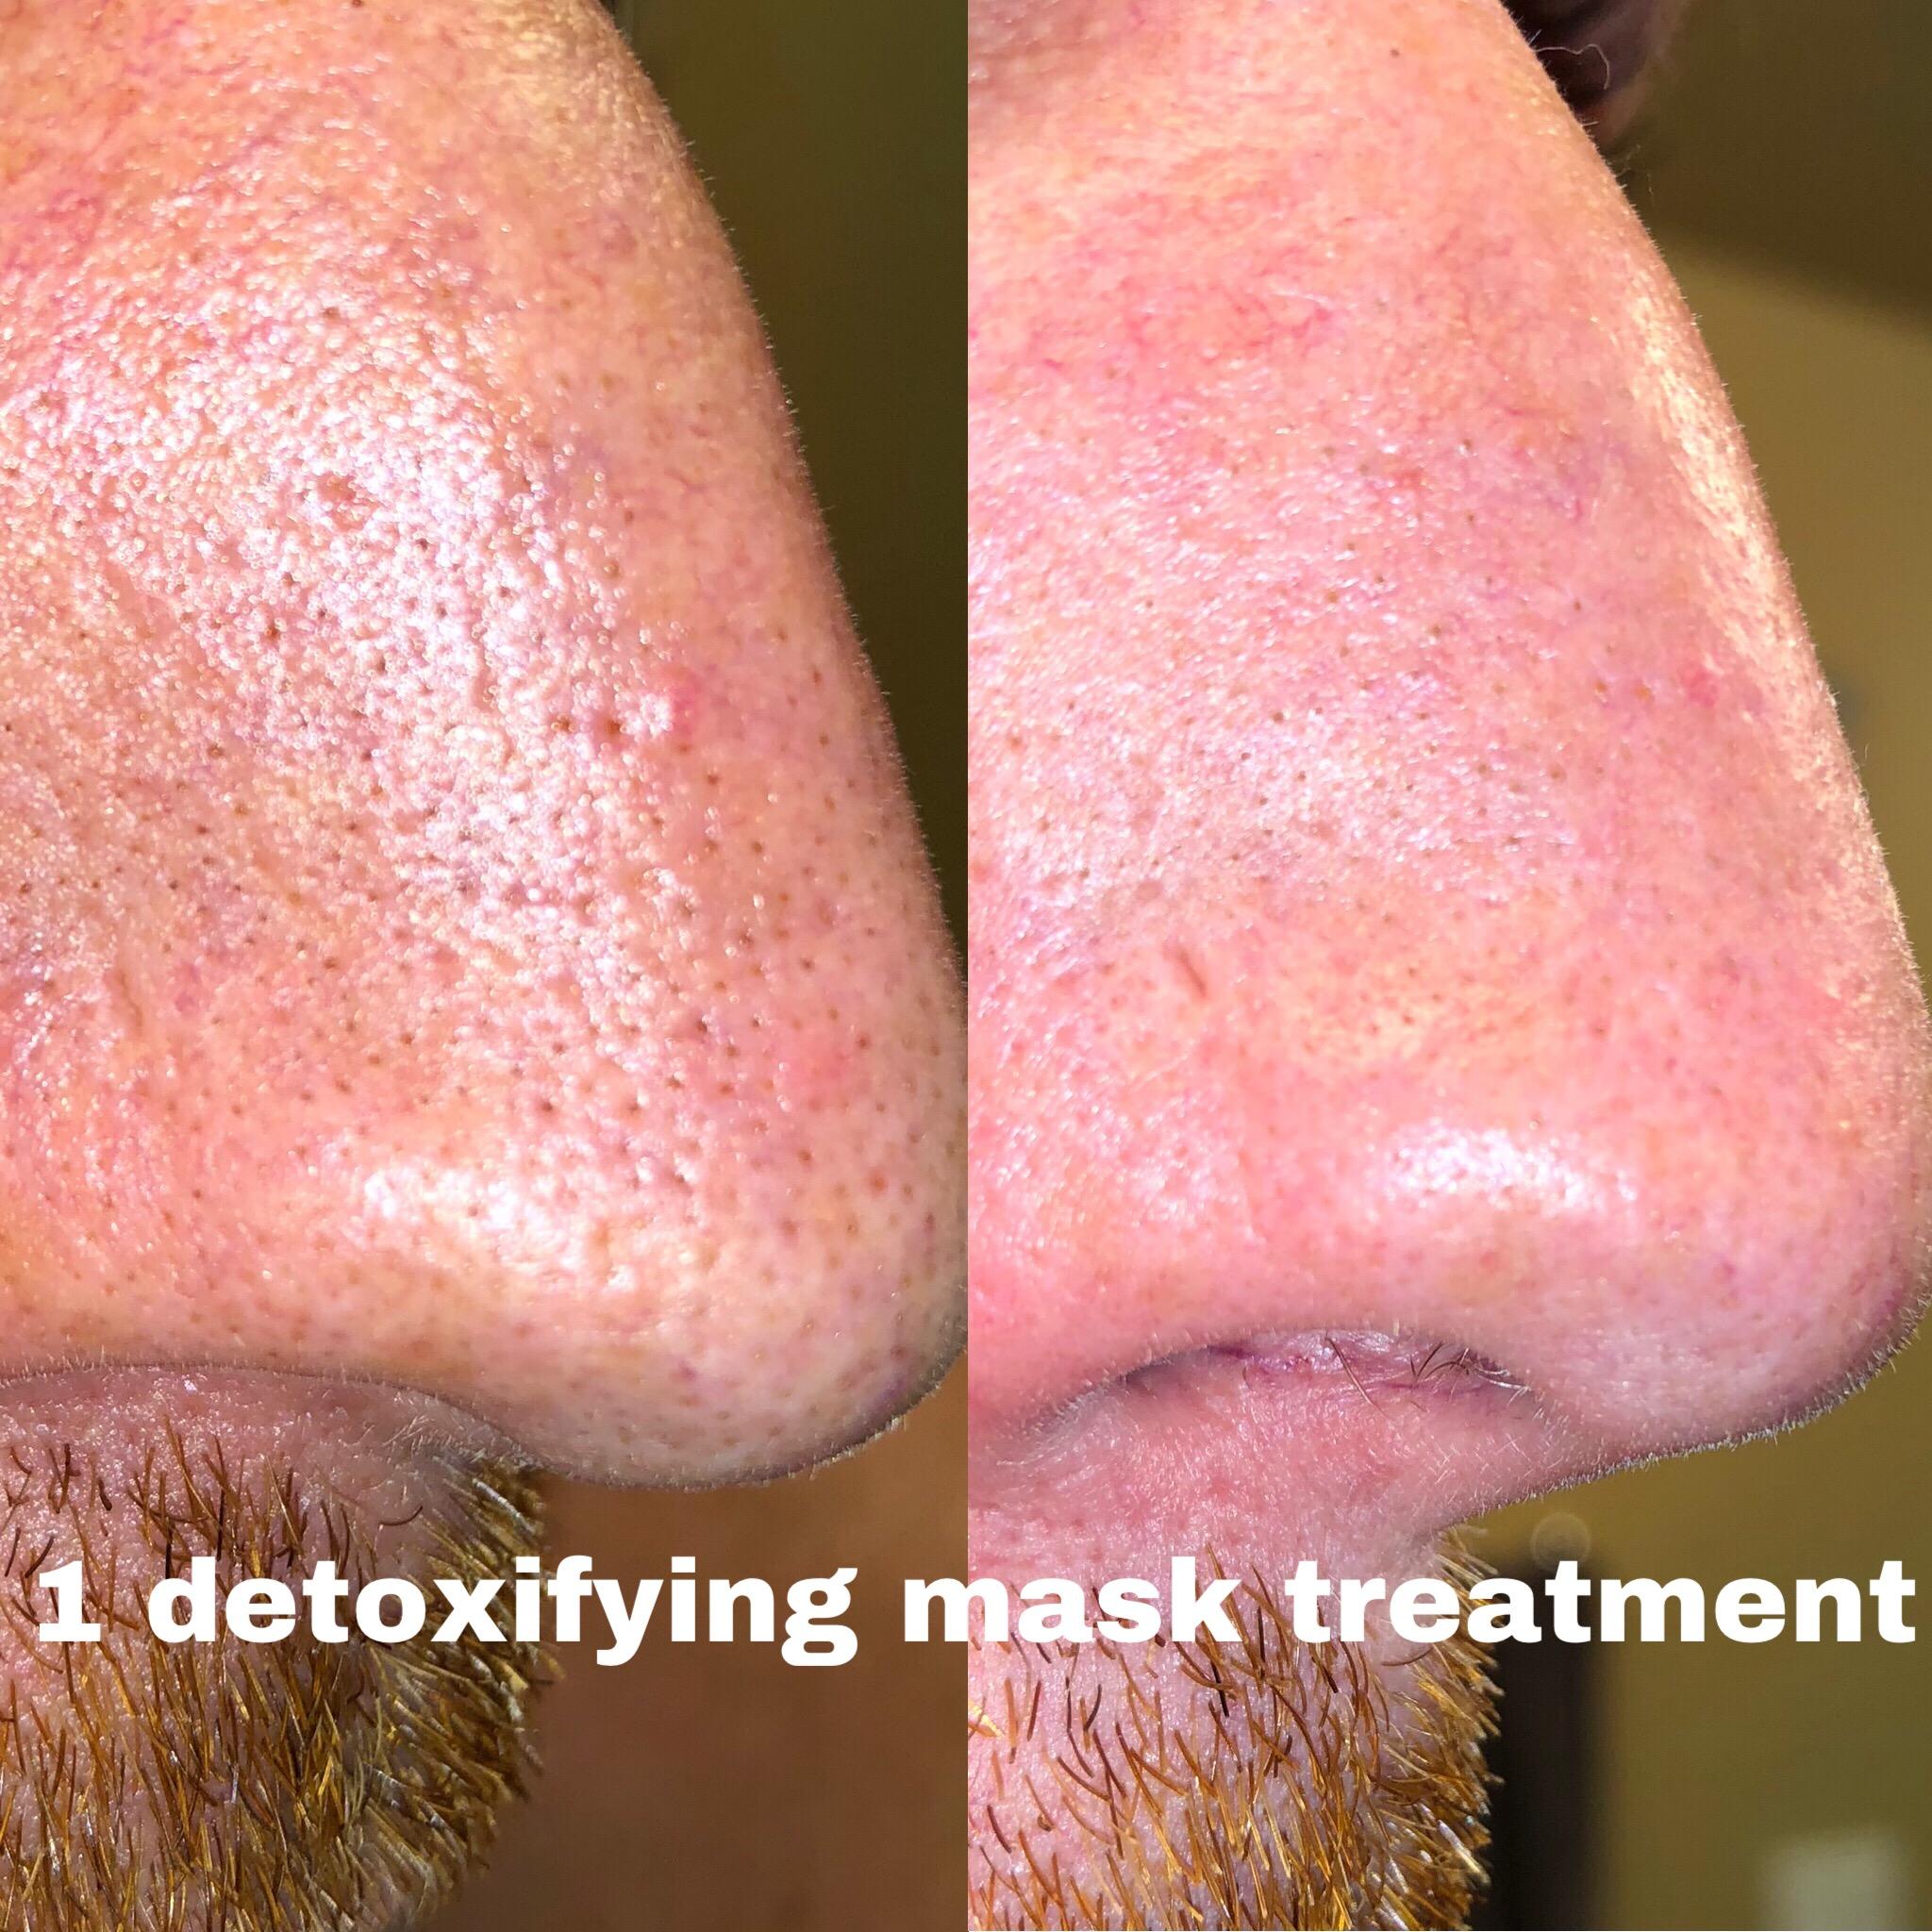 detox facial treatment alt text